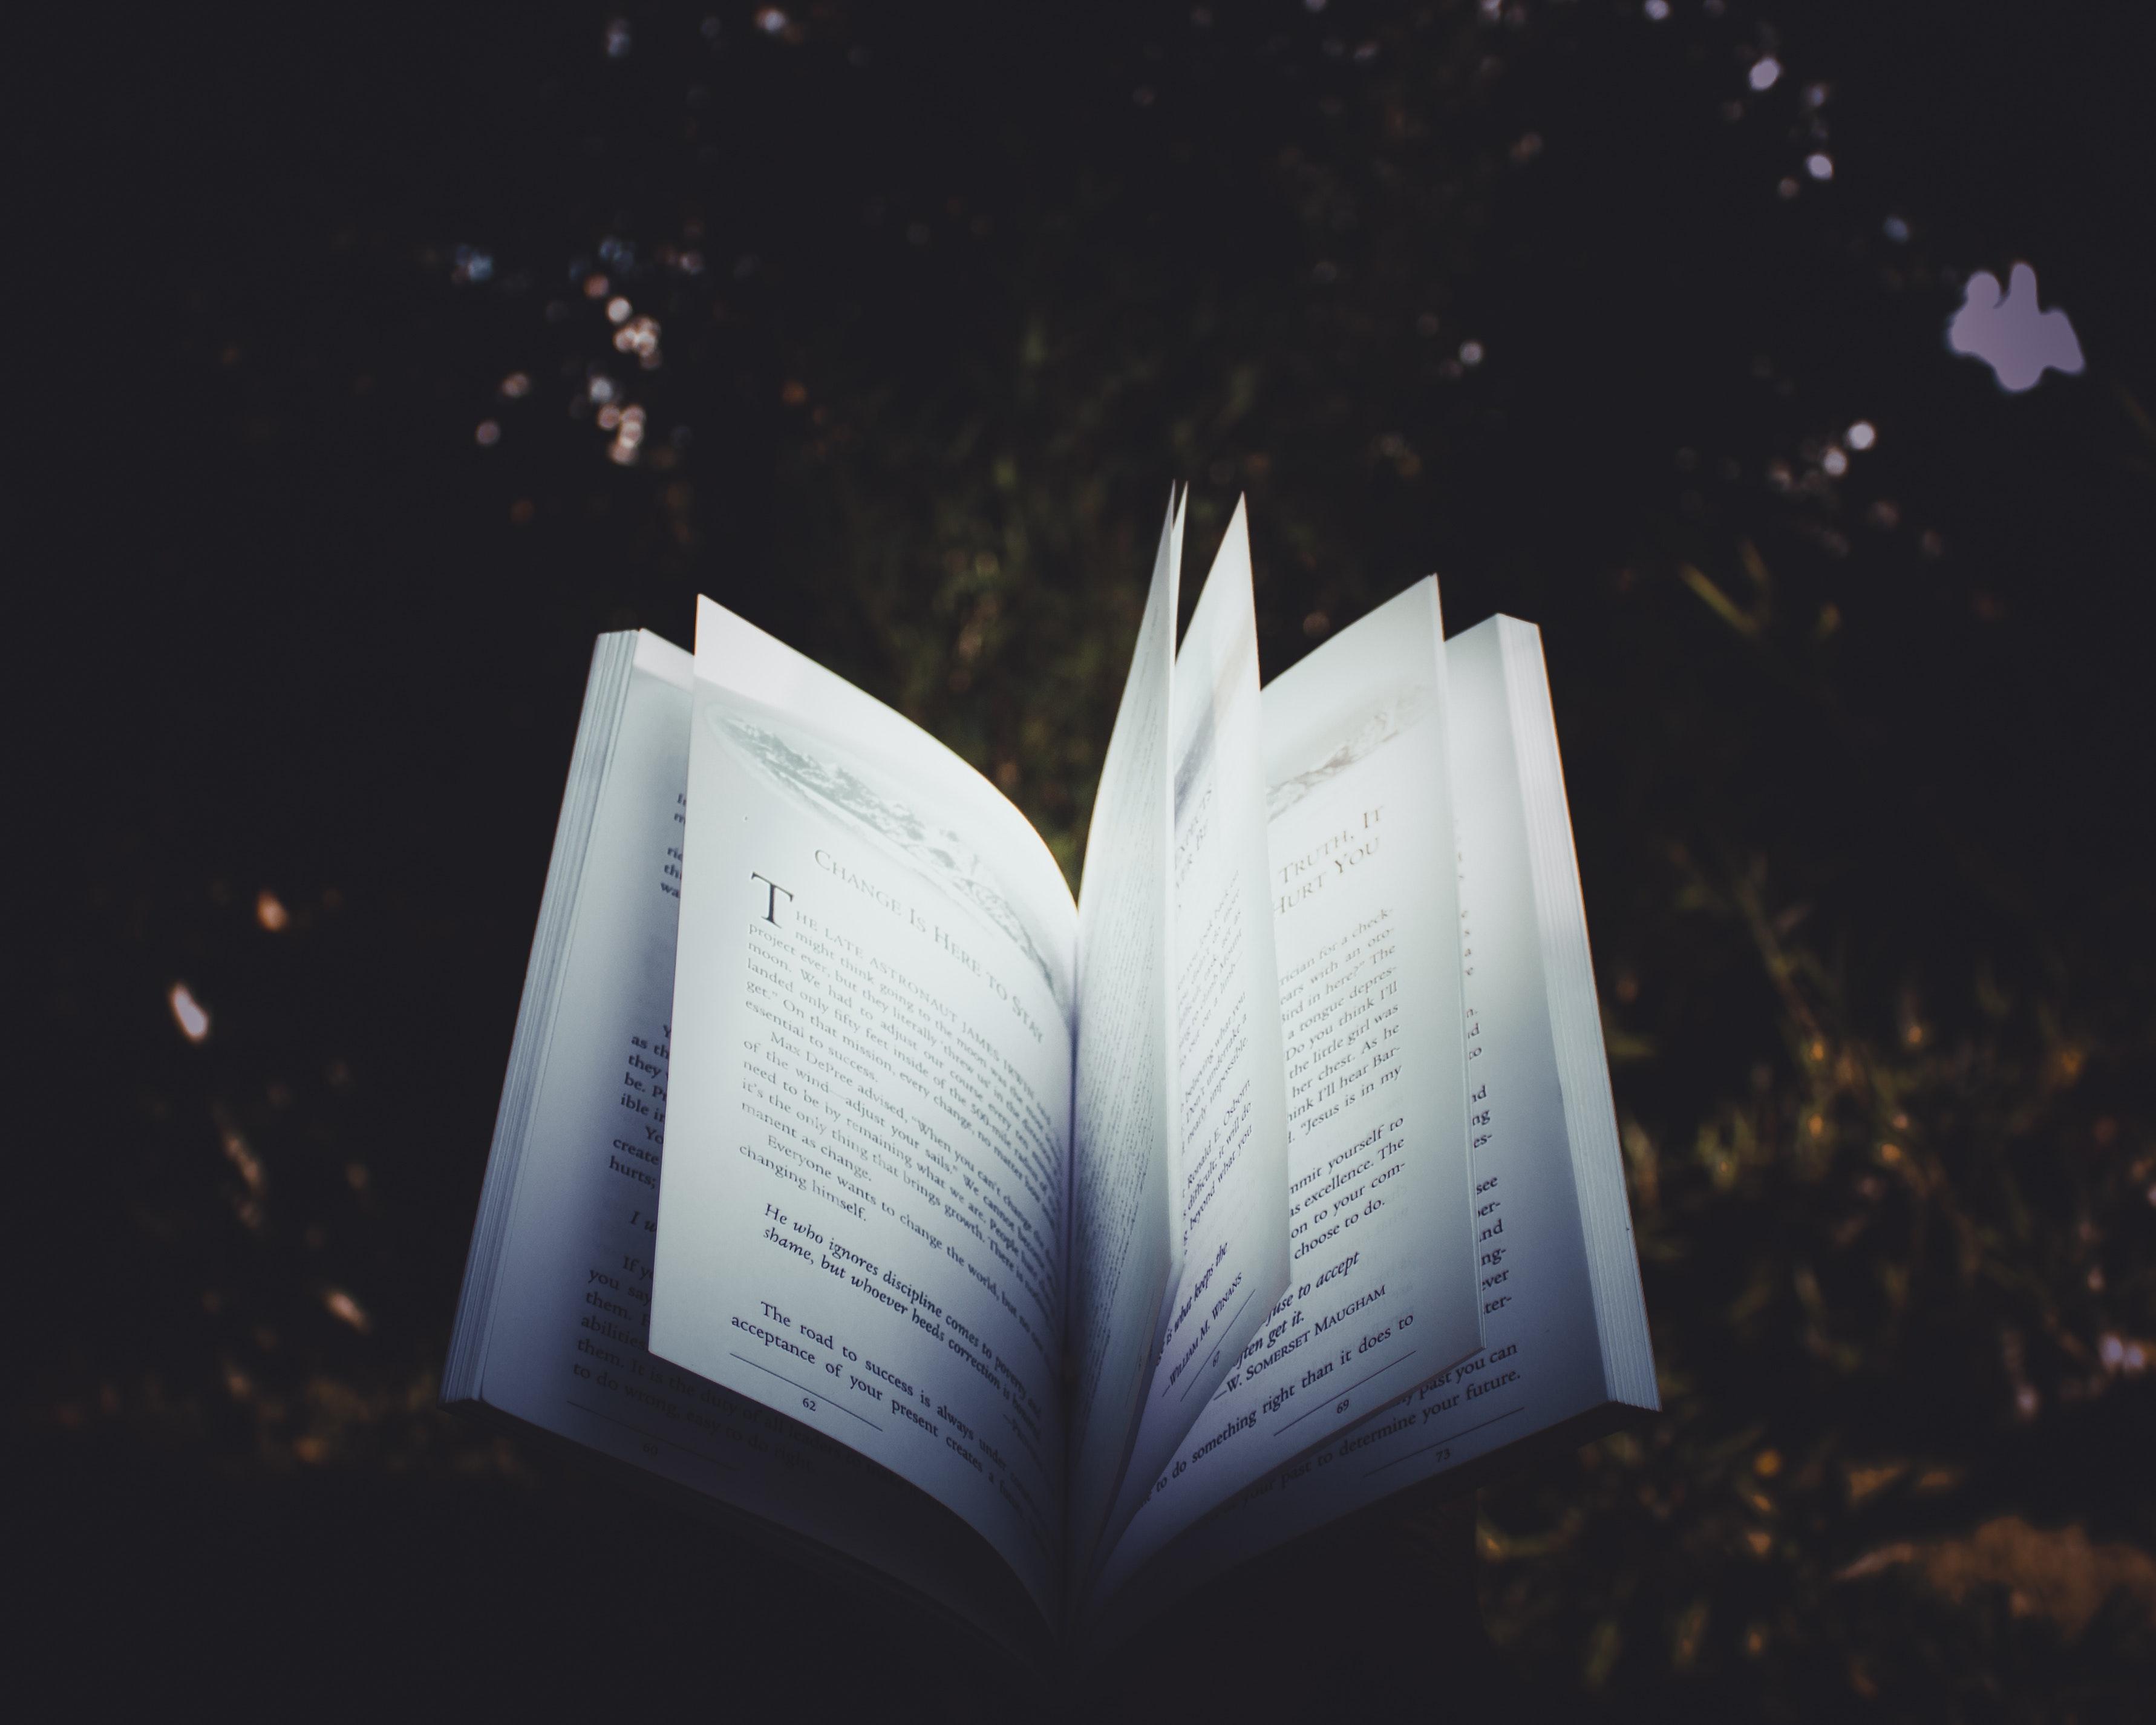 Alman dili ve edebiyatı